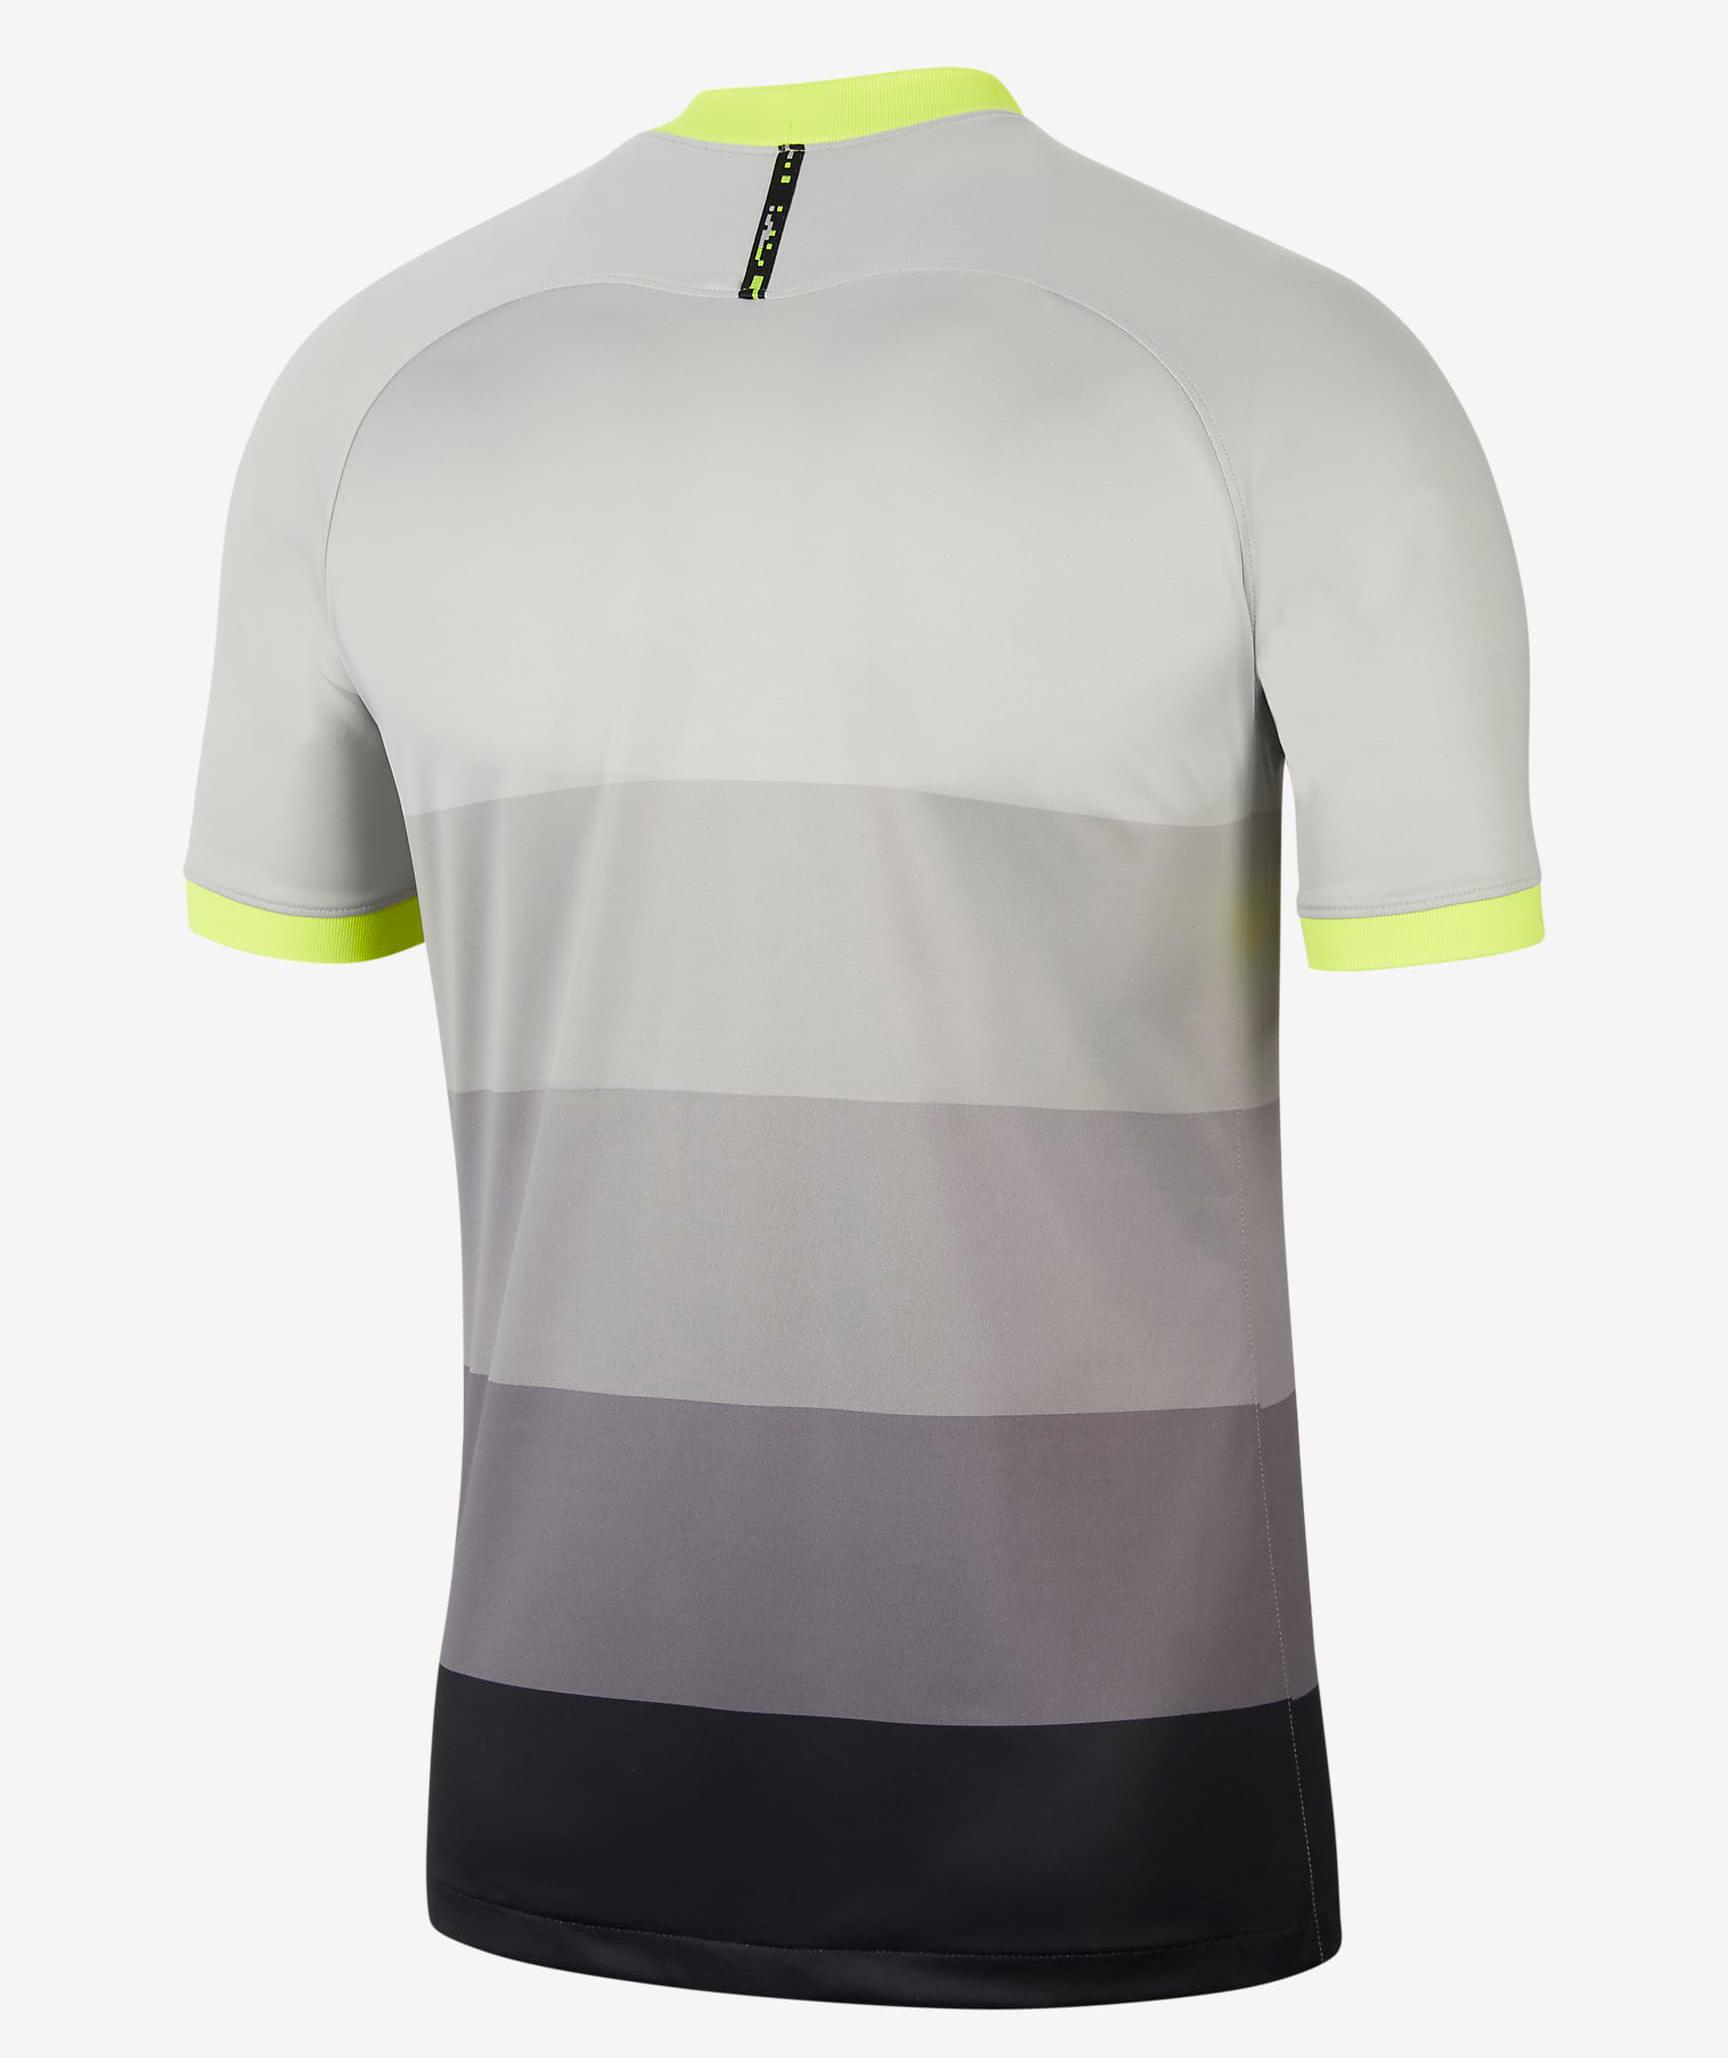 nike-air-max-95-tottenham-hotspur-soccer-jersey-2